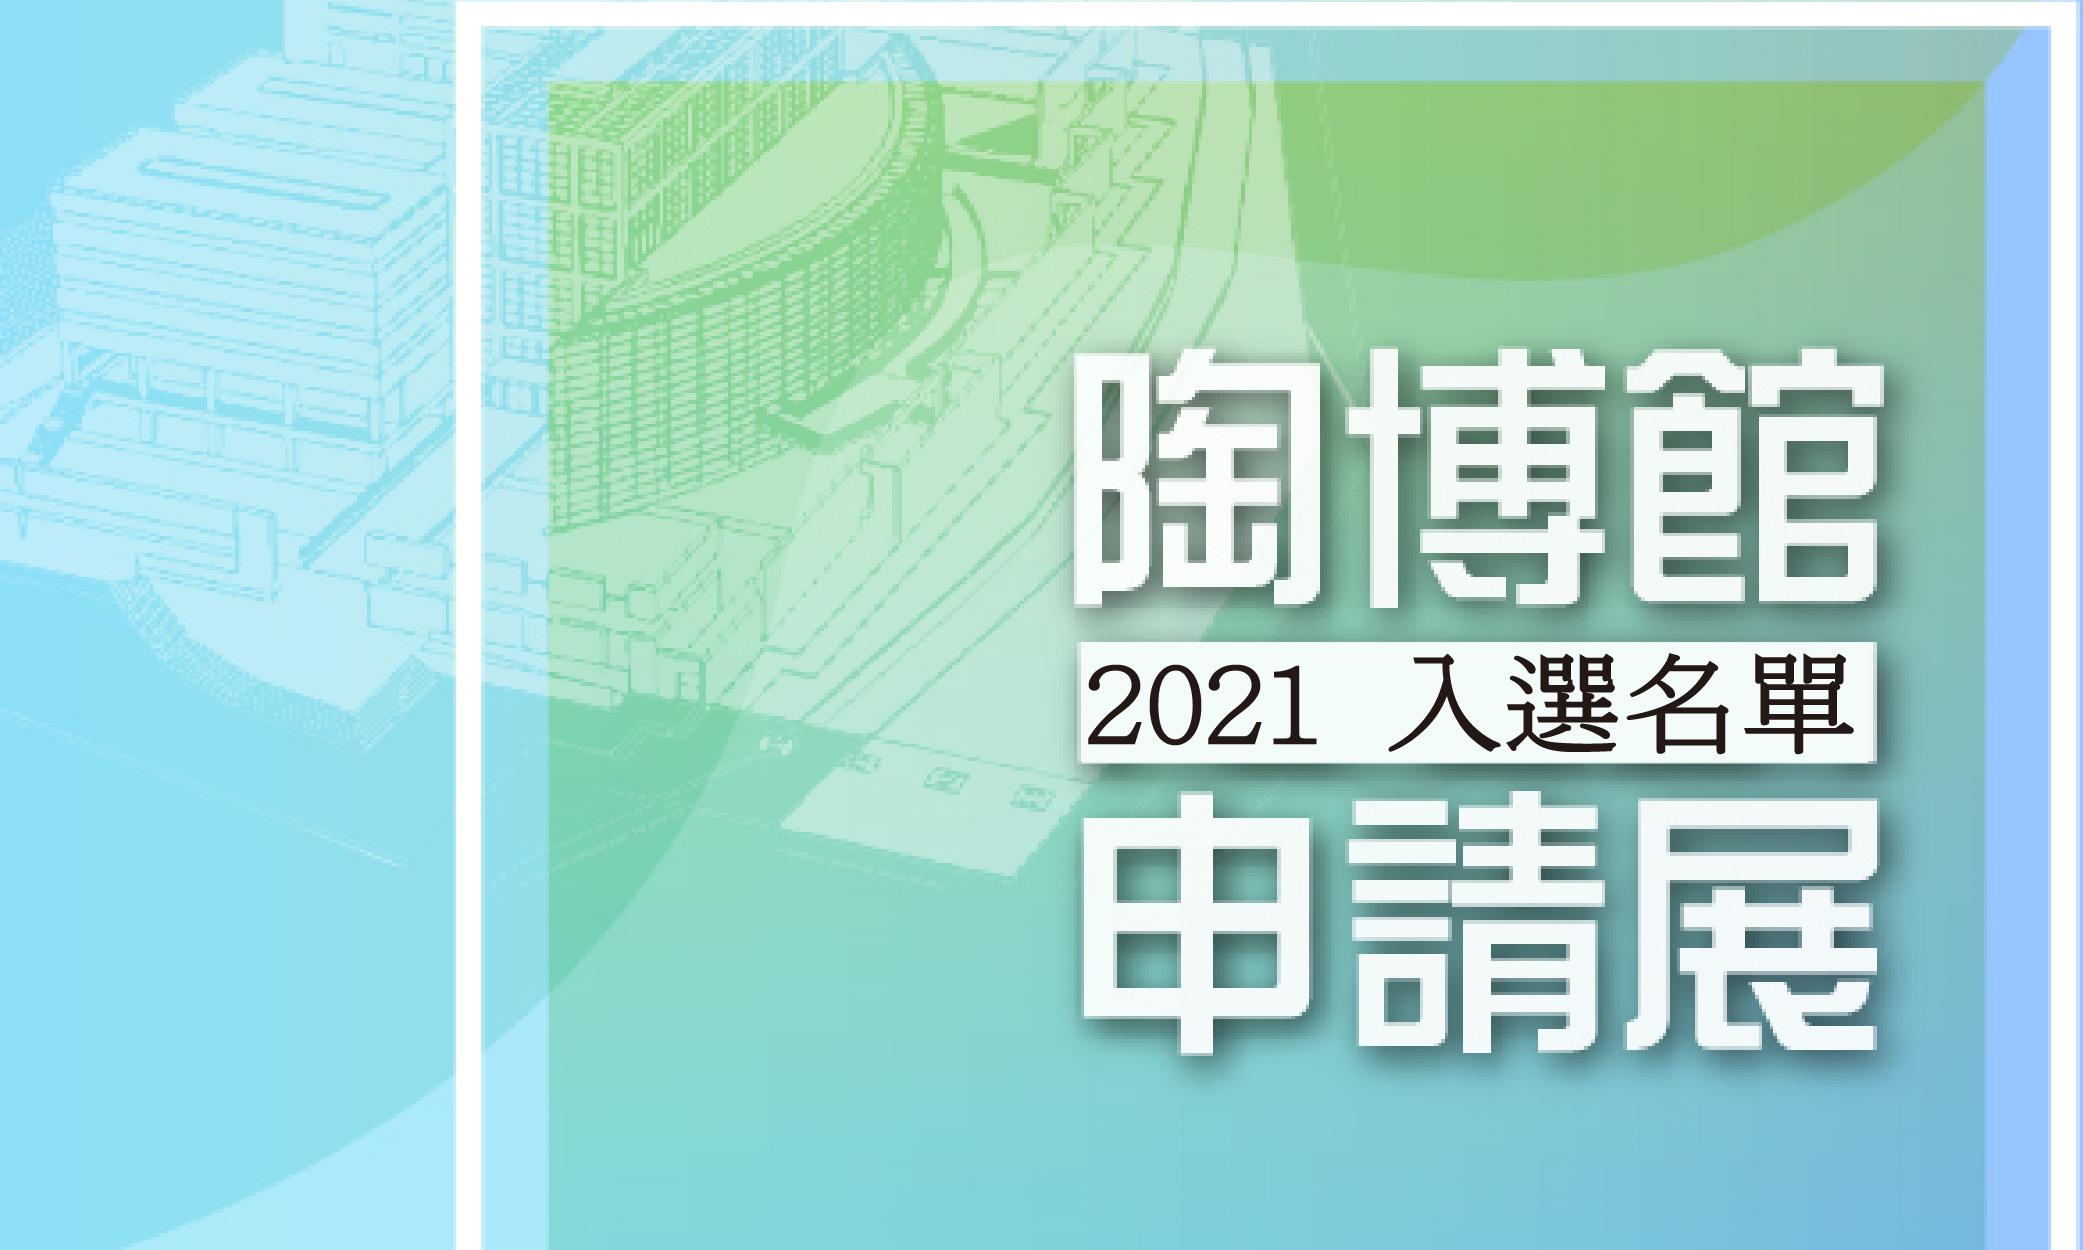 2021申請展入選名單